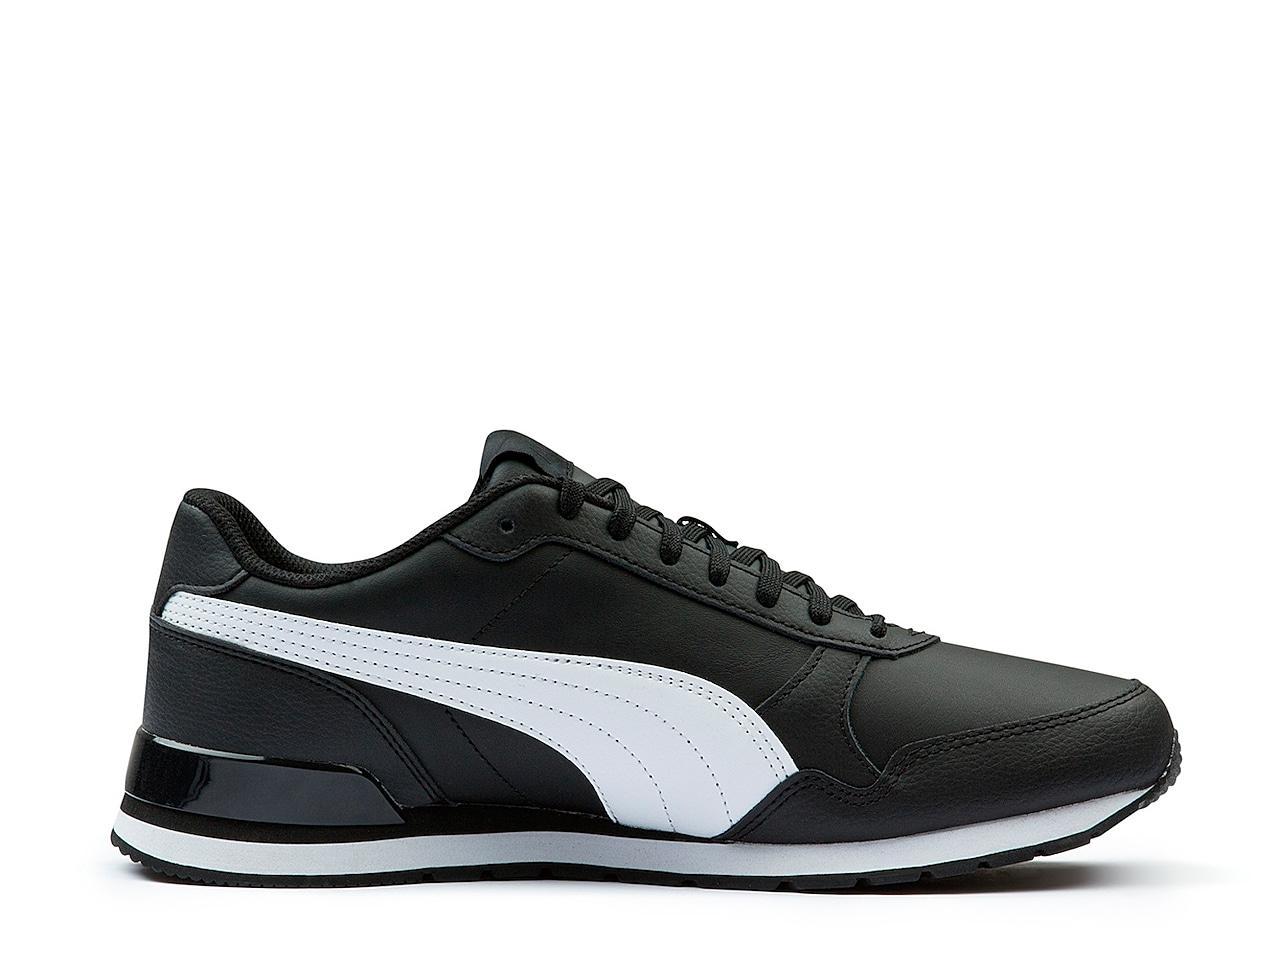 Puma ST Runner V2 Sneaker - Men's